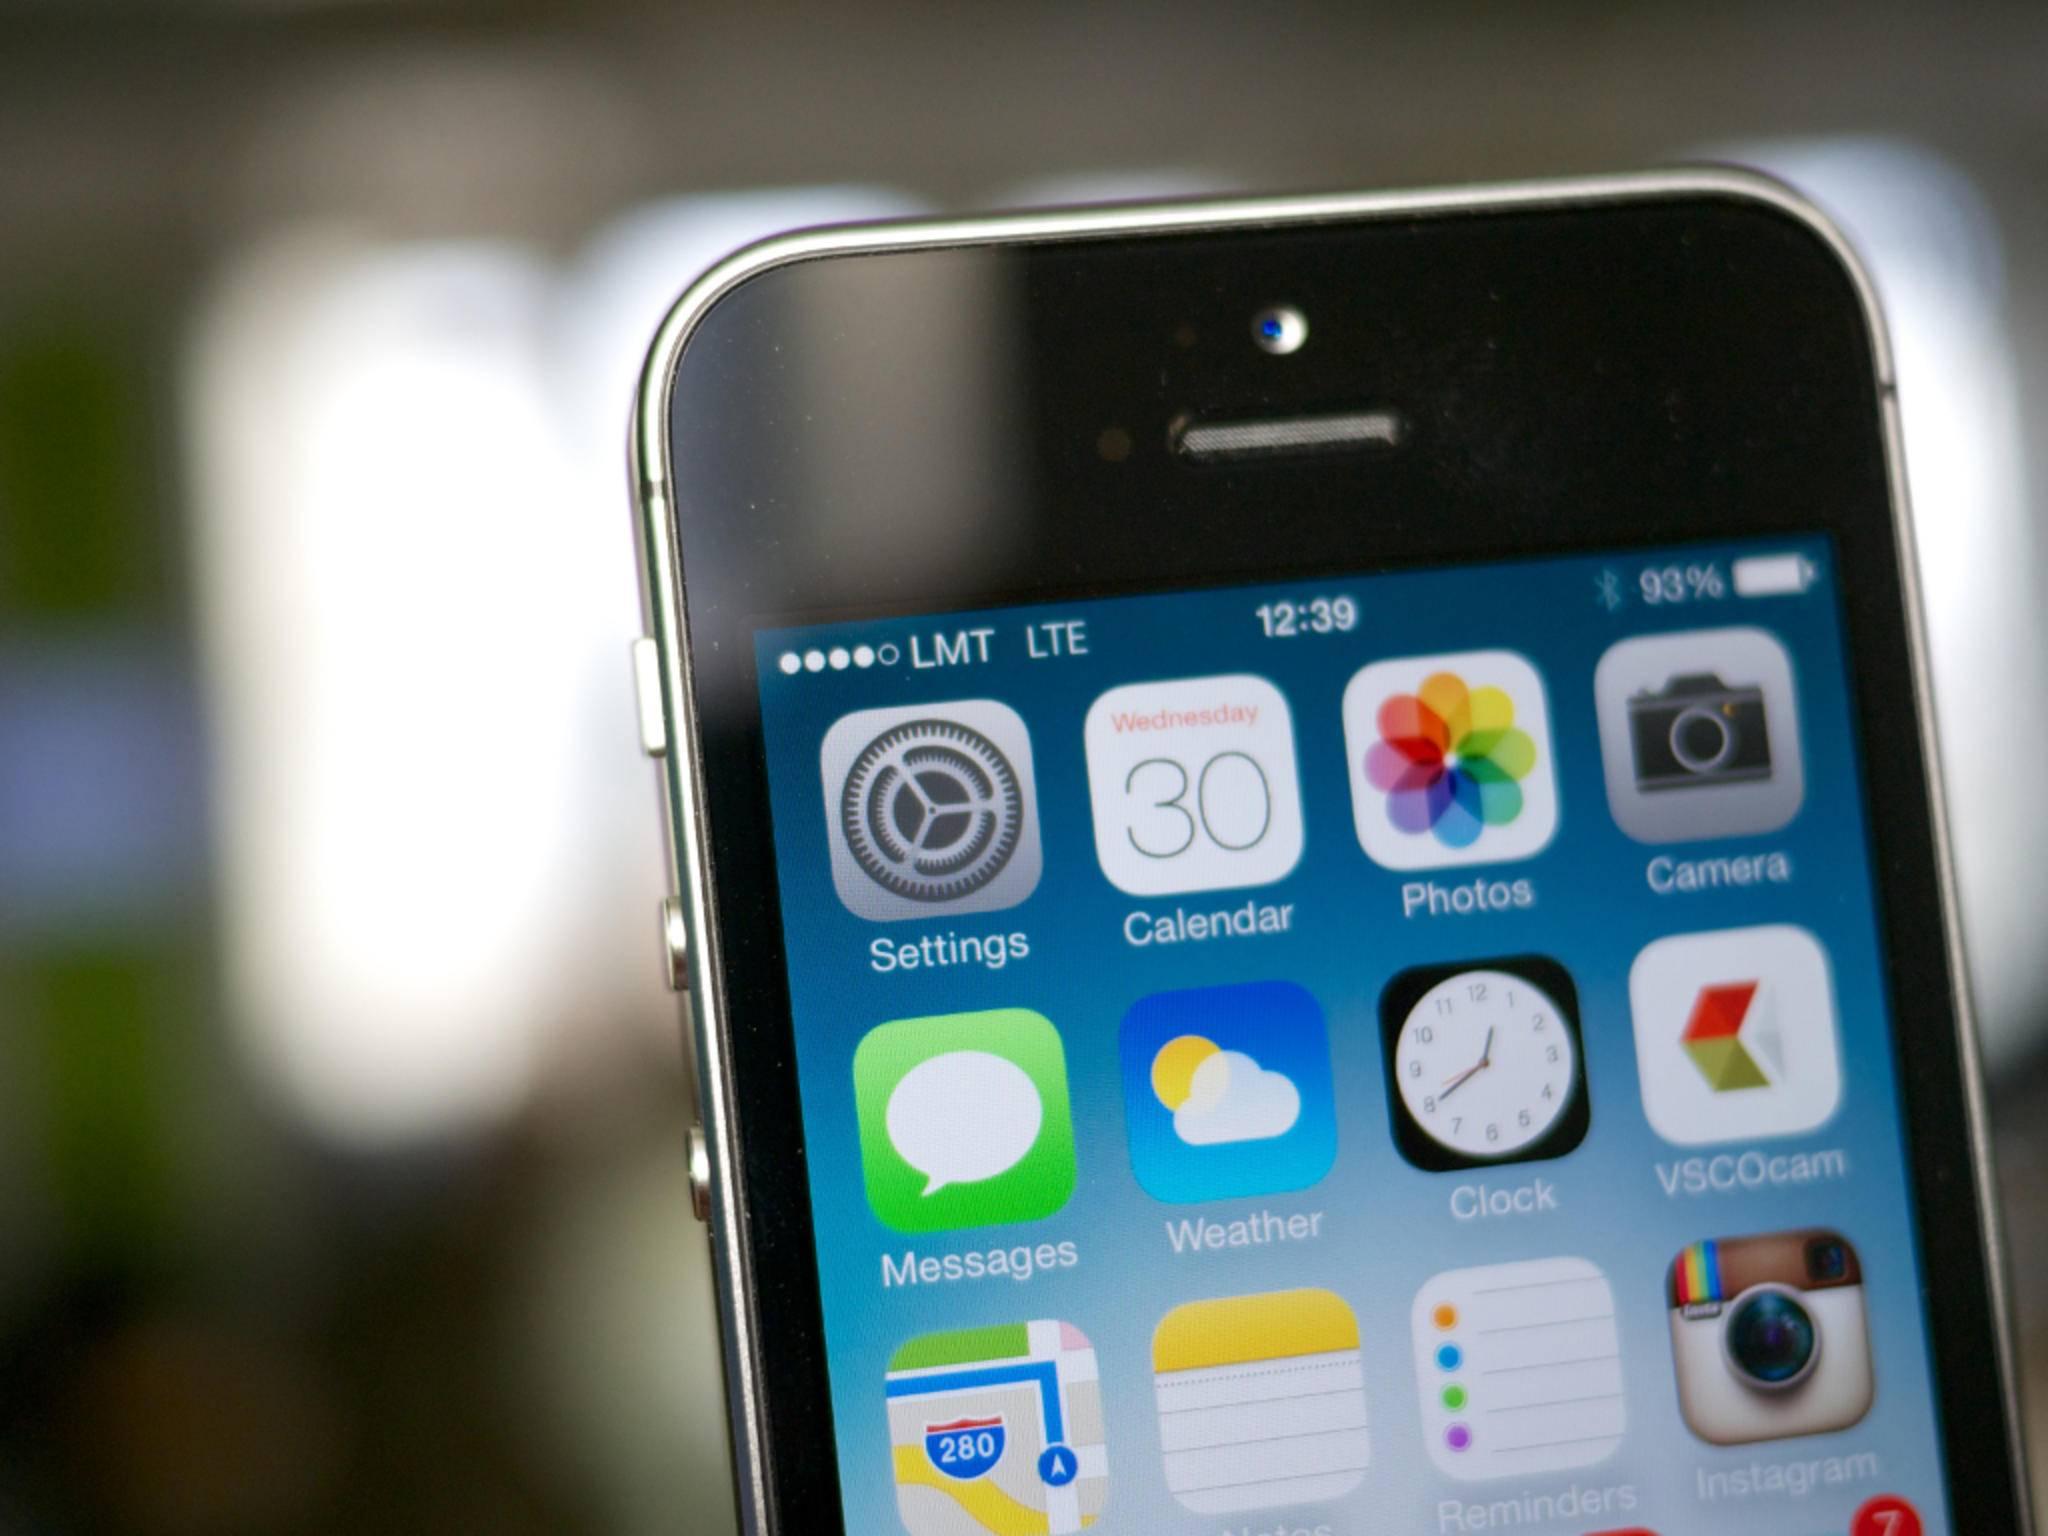 Mit diesem Trick installierst Du Dein eigenes Theme auf dem iPhone.